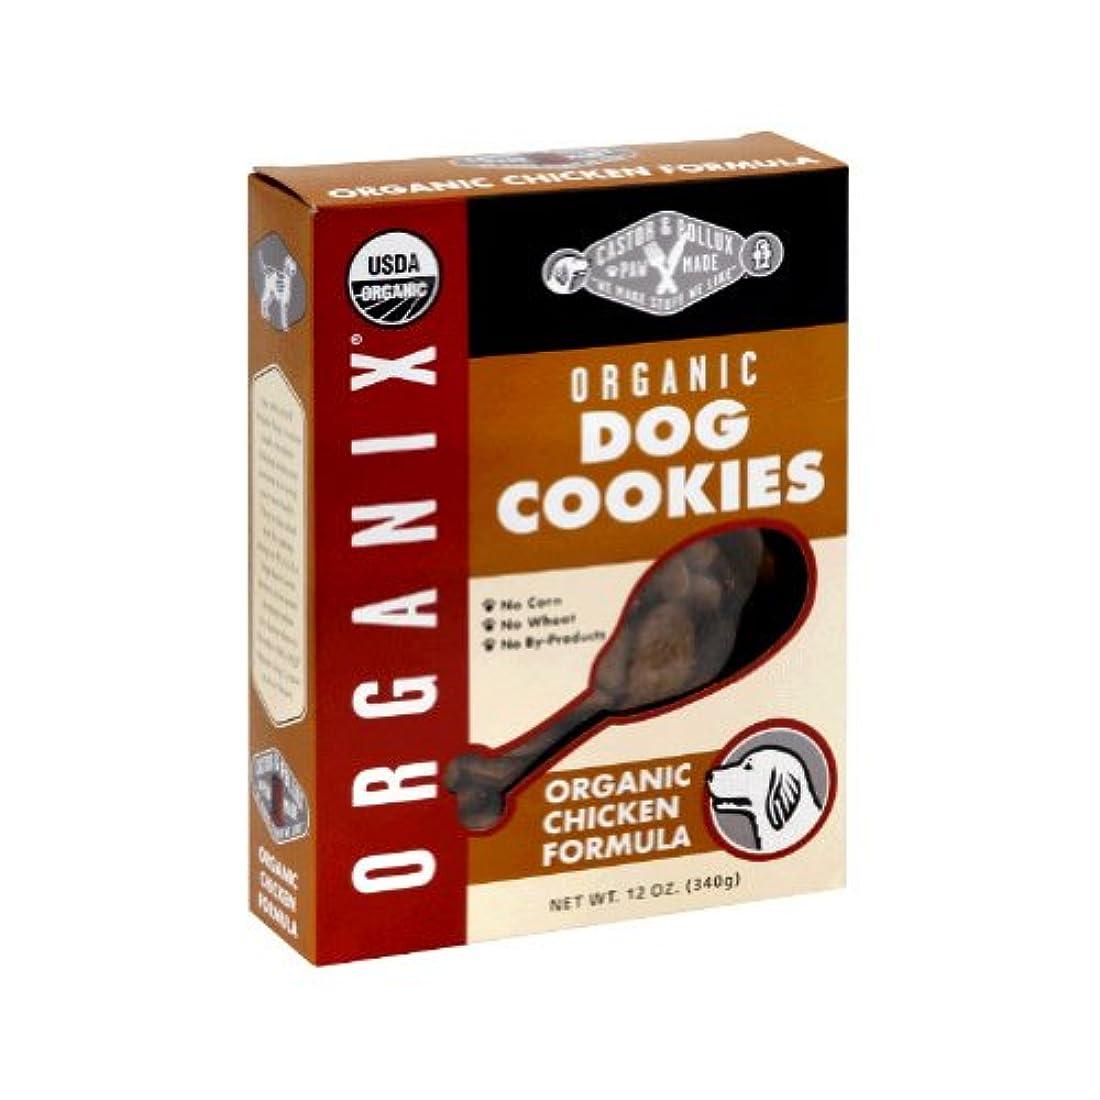 経済的日常的に後ろにCASTER&POLLUX  オーガニックドッグクッキー チキン 340g